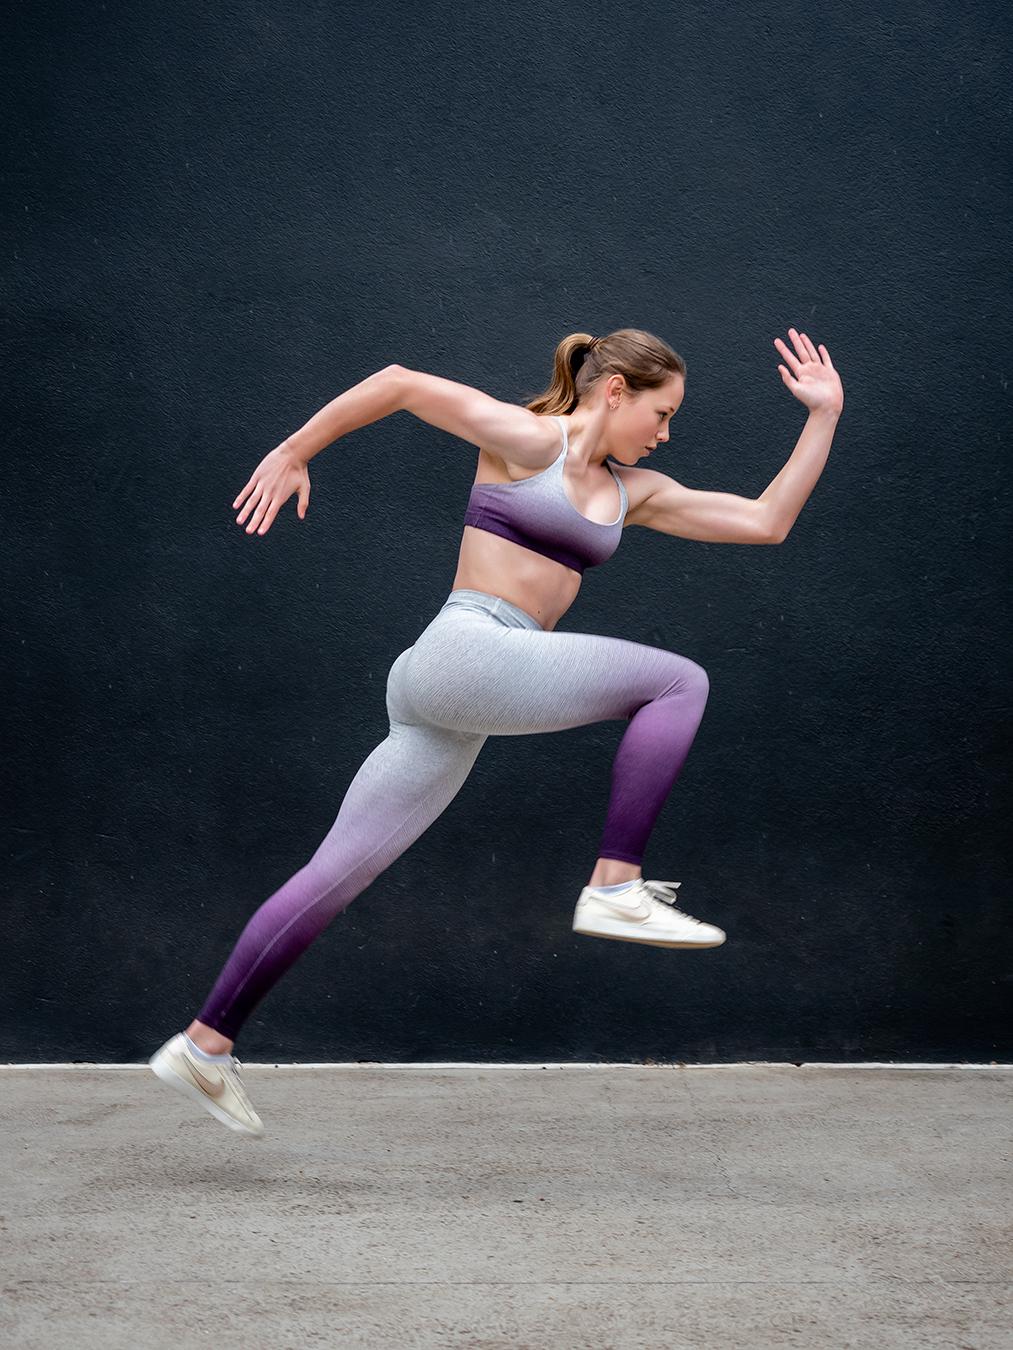 Melbournes Elite Gymnast Alyssa sprintng